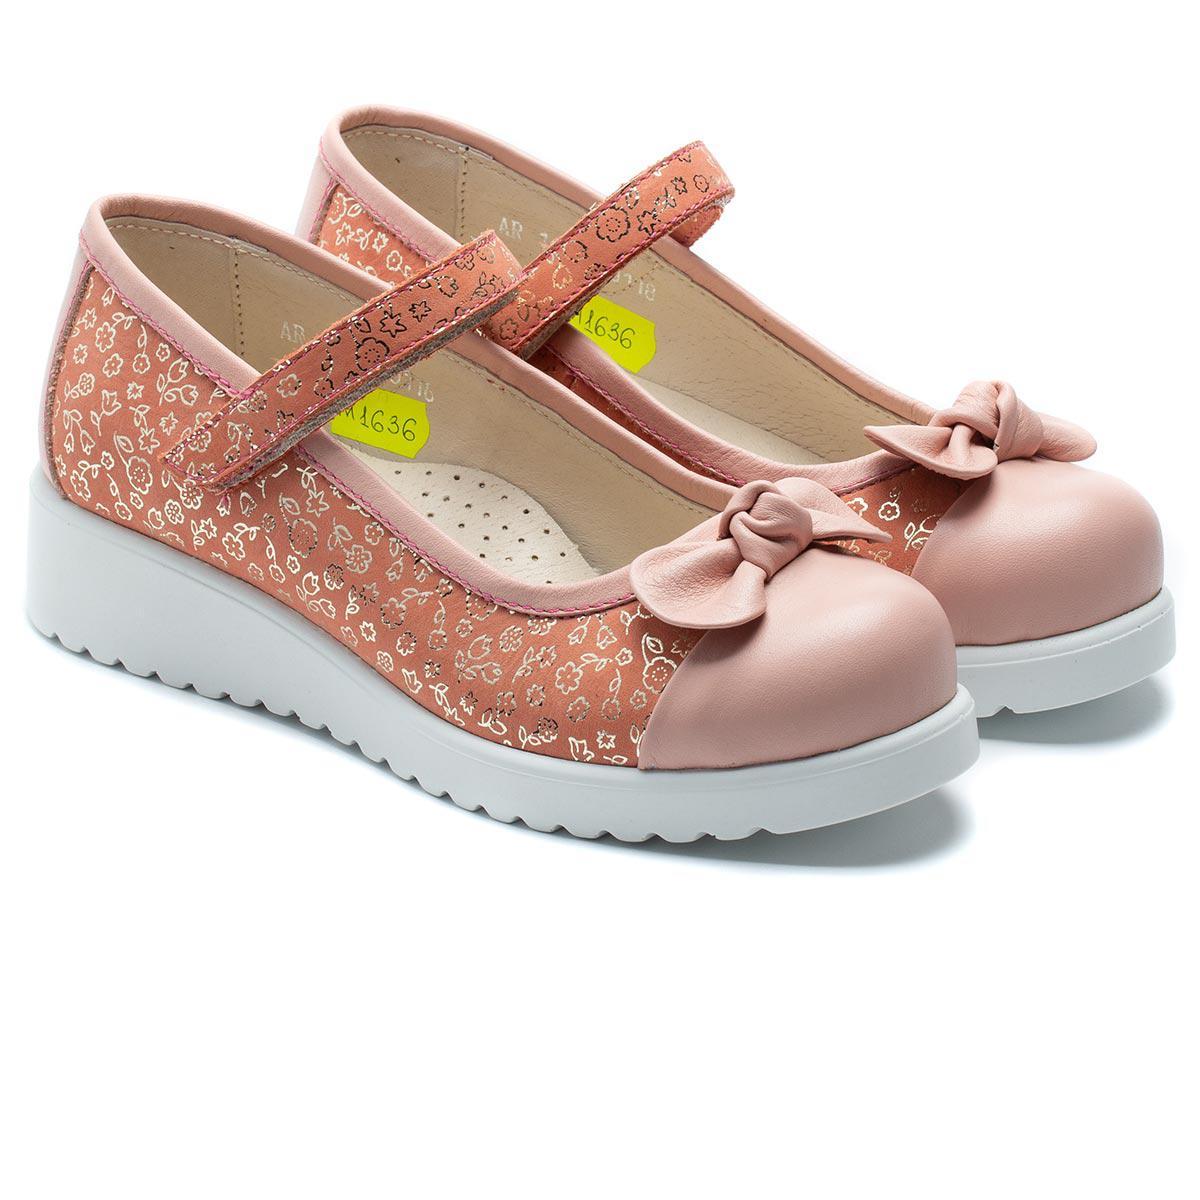 Школьные ортопедические туфли FS Сollection для девочки, размер 32